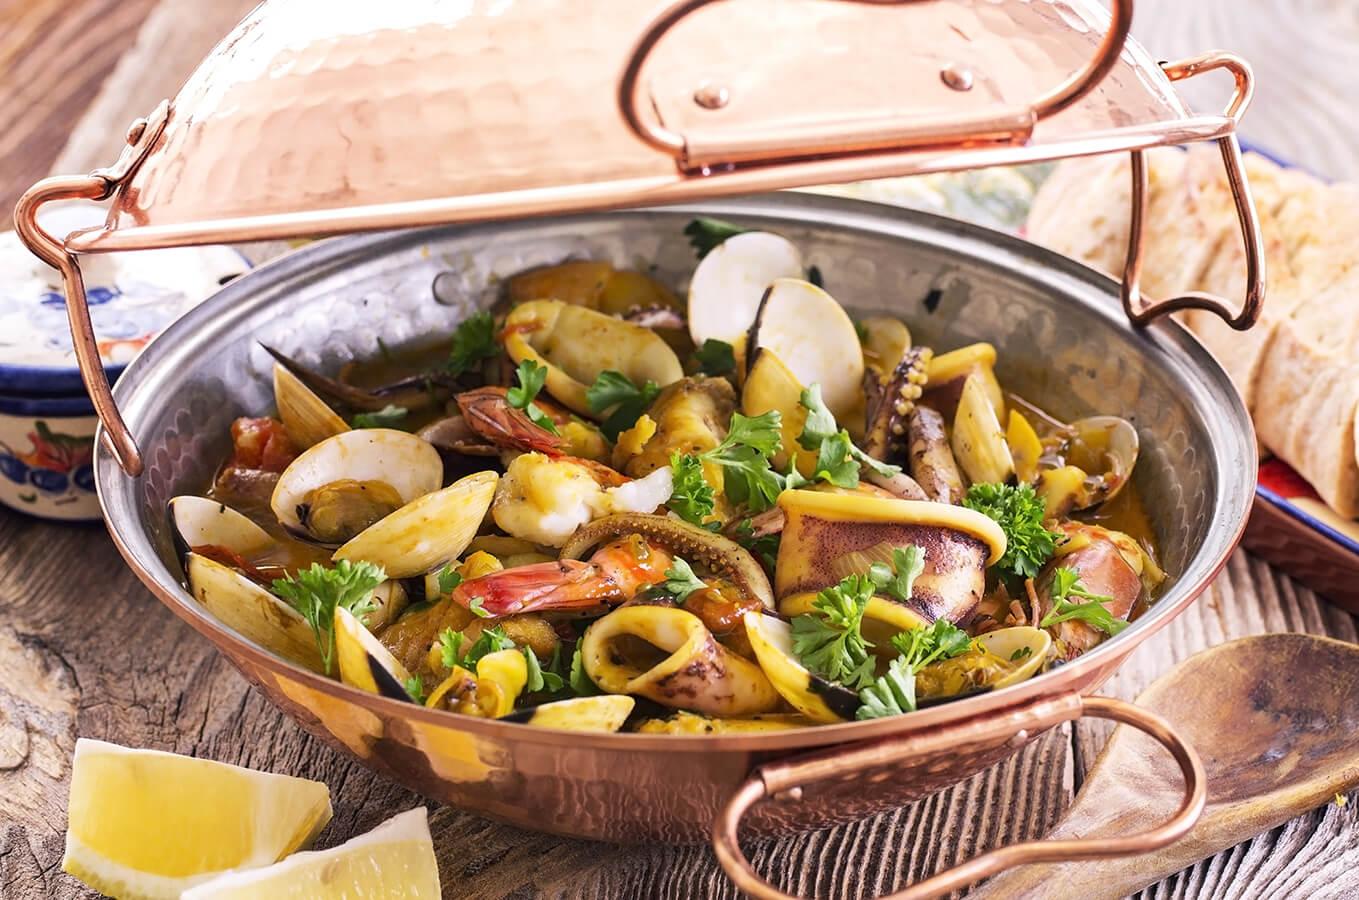 Algarve and the unique gastronomy